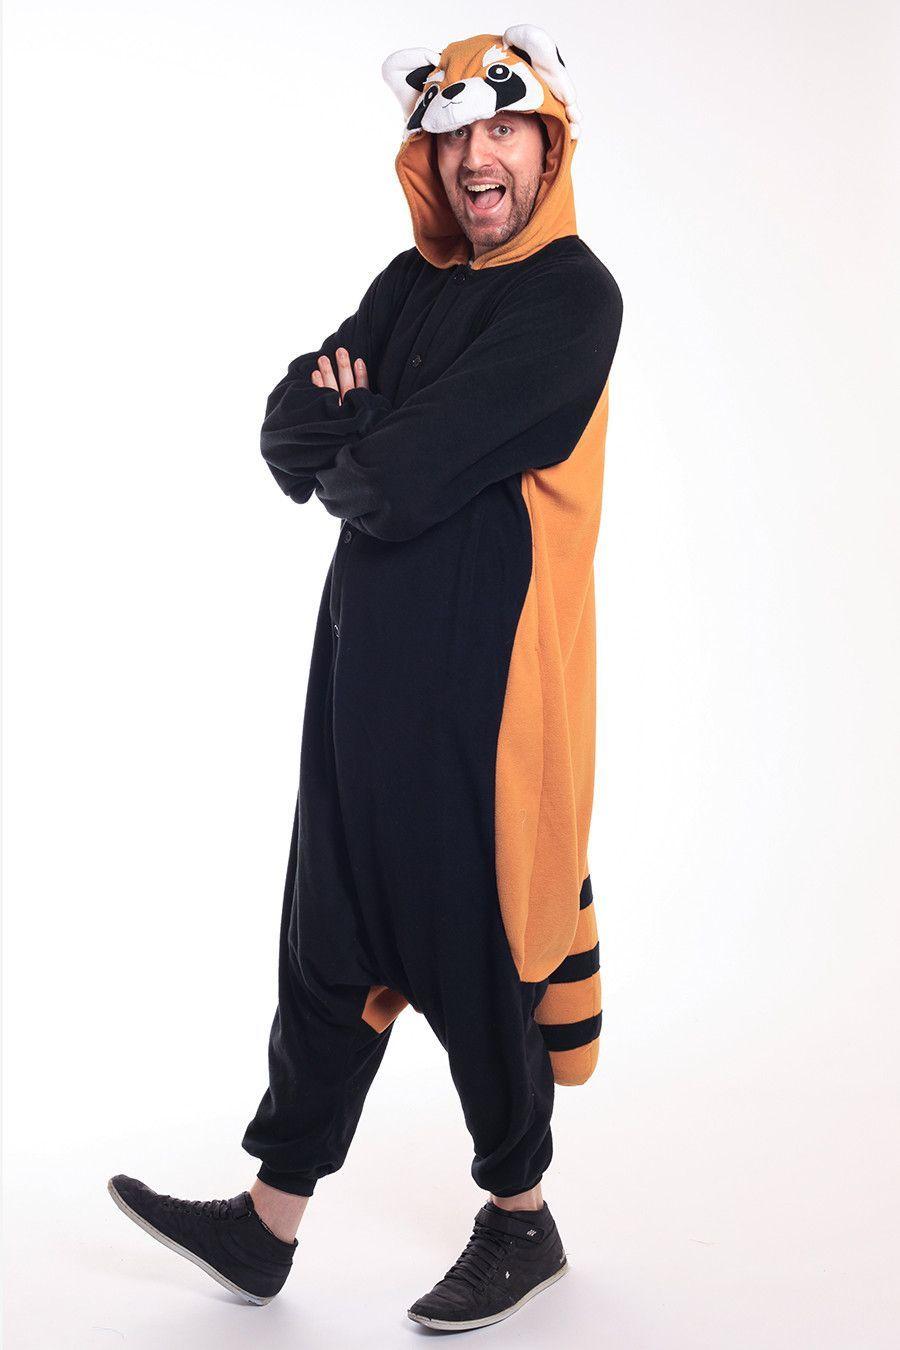 05a72ddb3c Red Panda Kigurumi Onesie. Red Panda Kigurumi Onesie Adult Onesie Pajamas